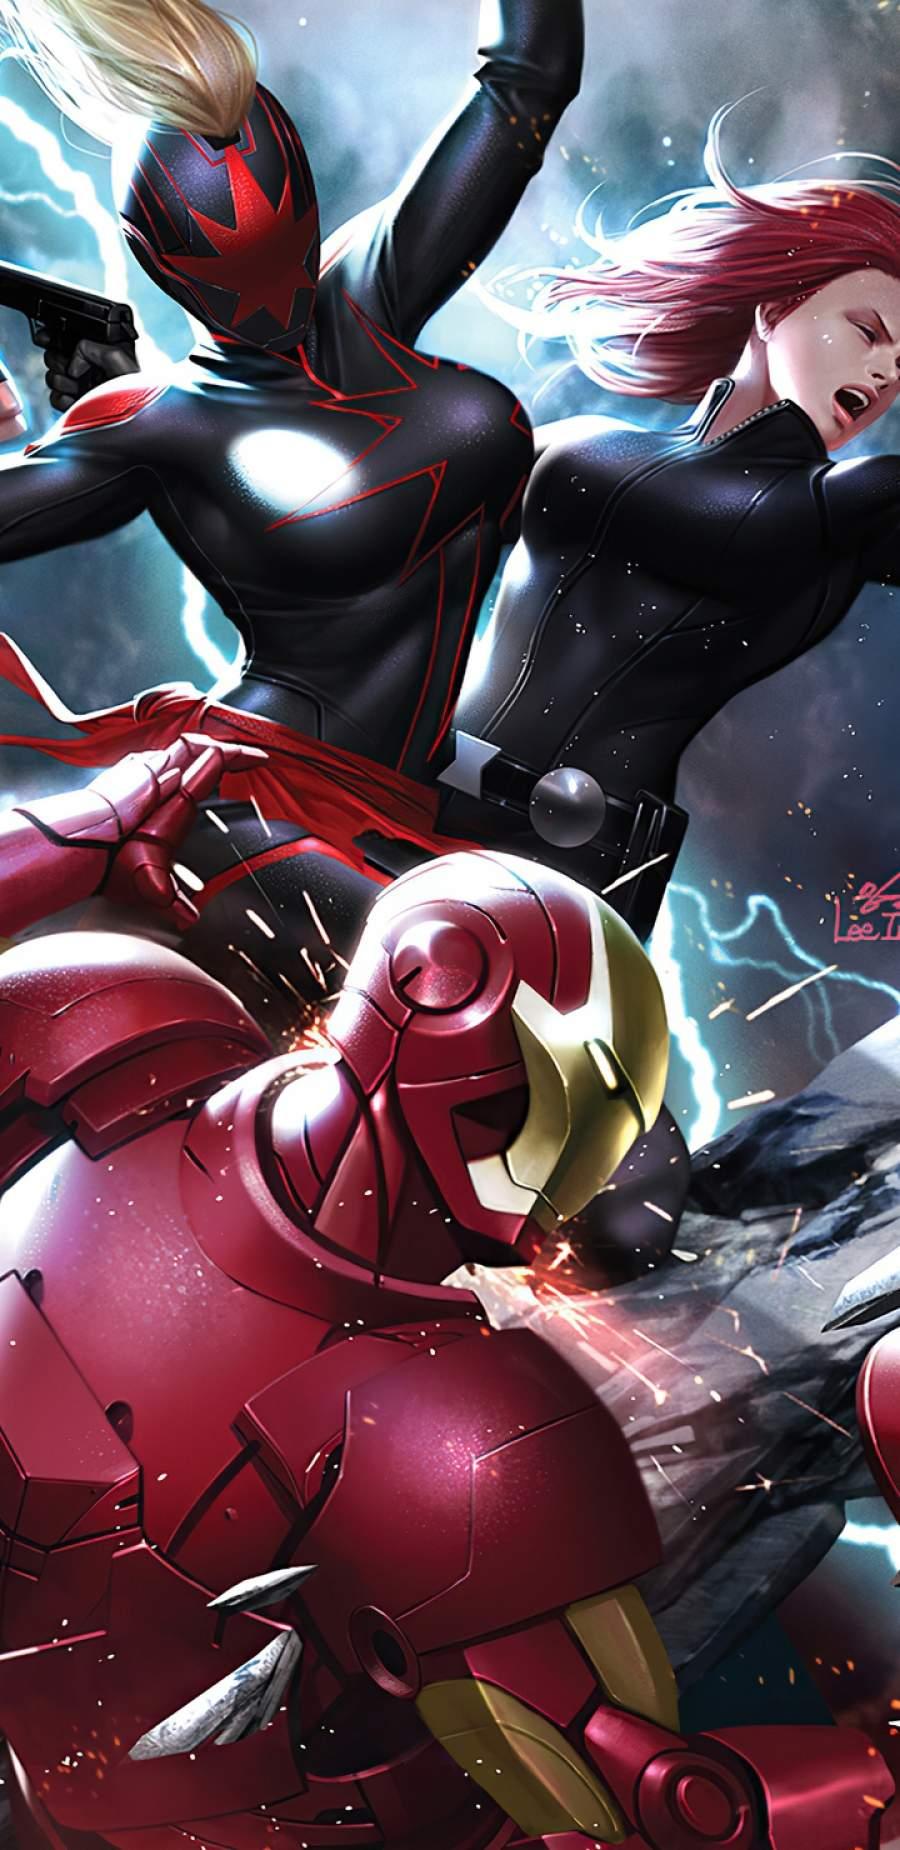 Dark Captain Marvel vs Avengers iPhone Wallpaper